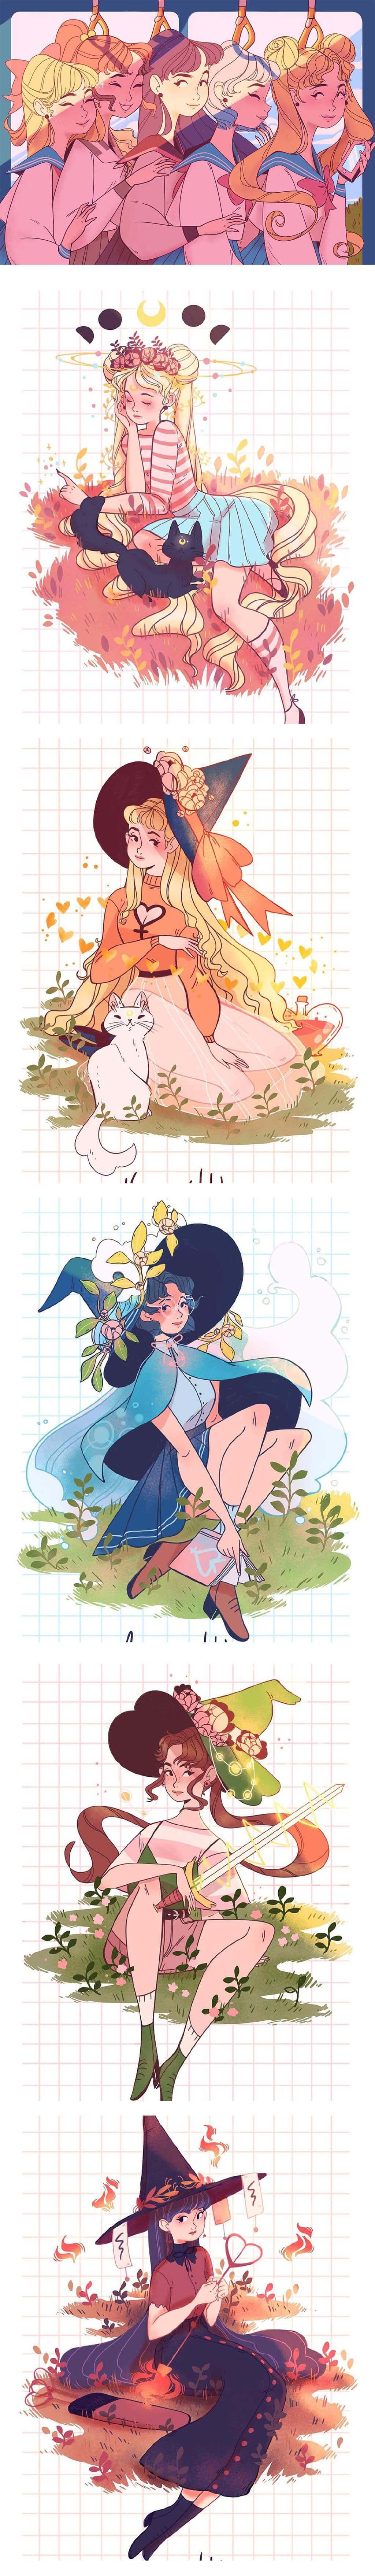 Sailor Moon Fanart by Lana Jay